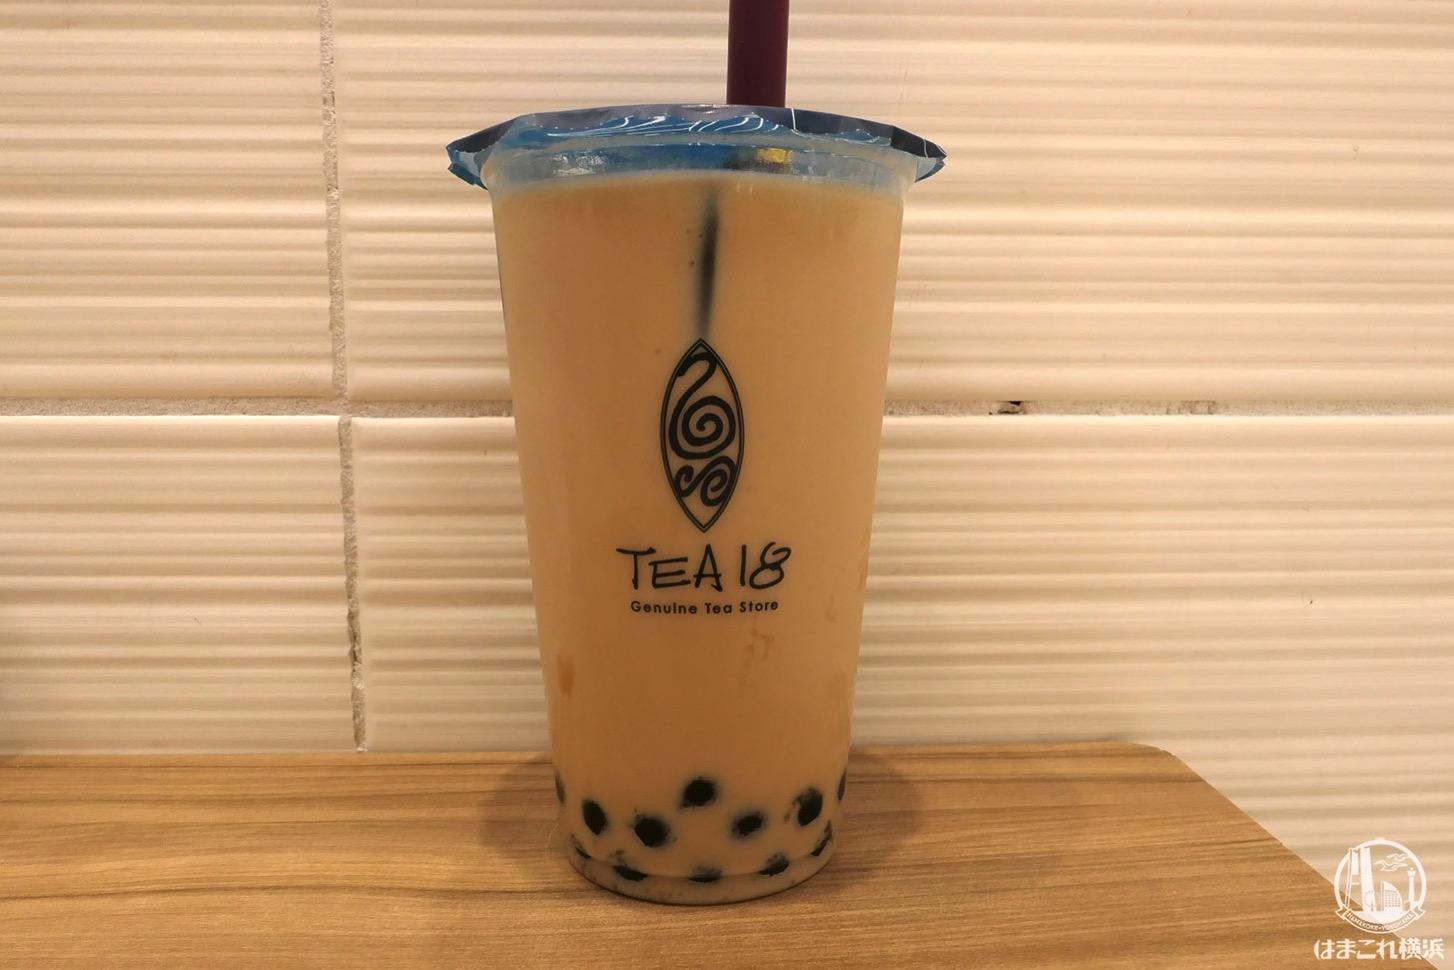 TEA18 鉄観音茶タピオカミルクティー